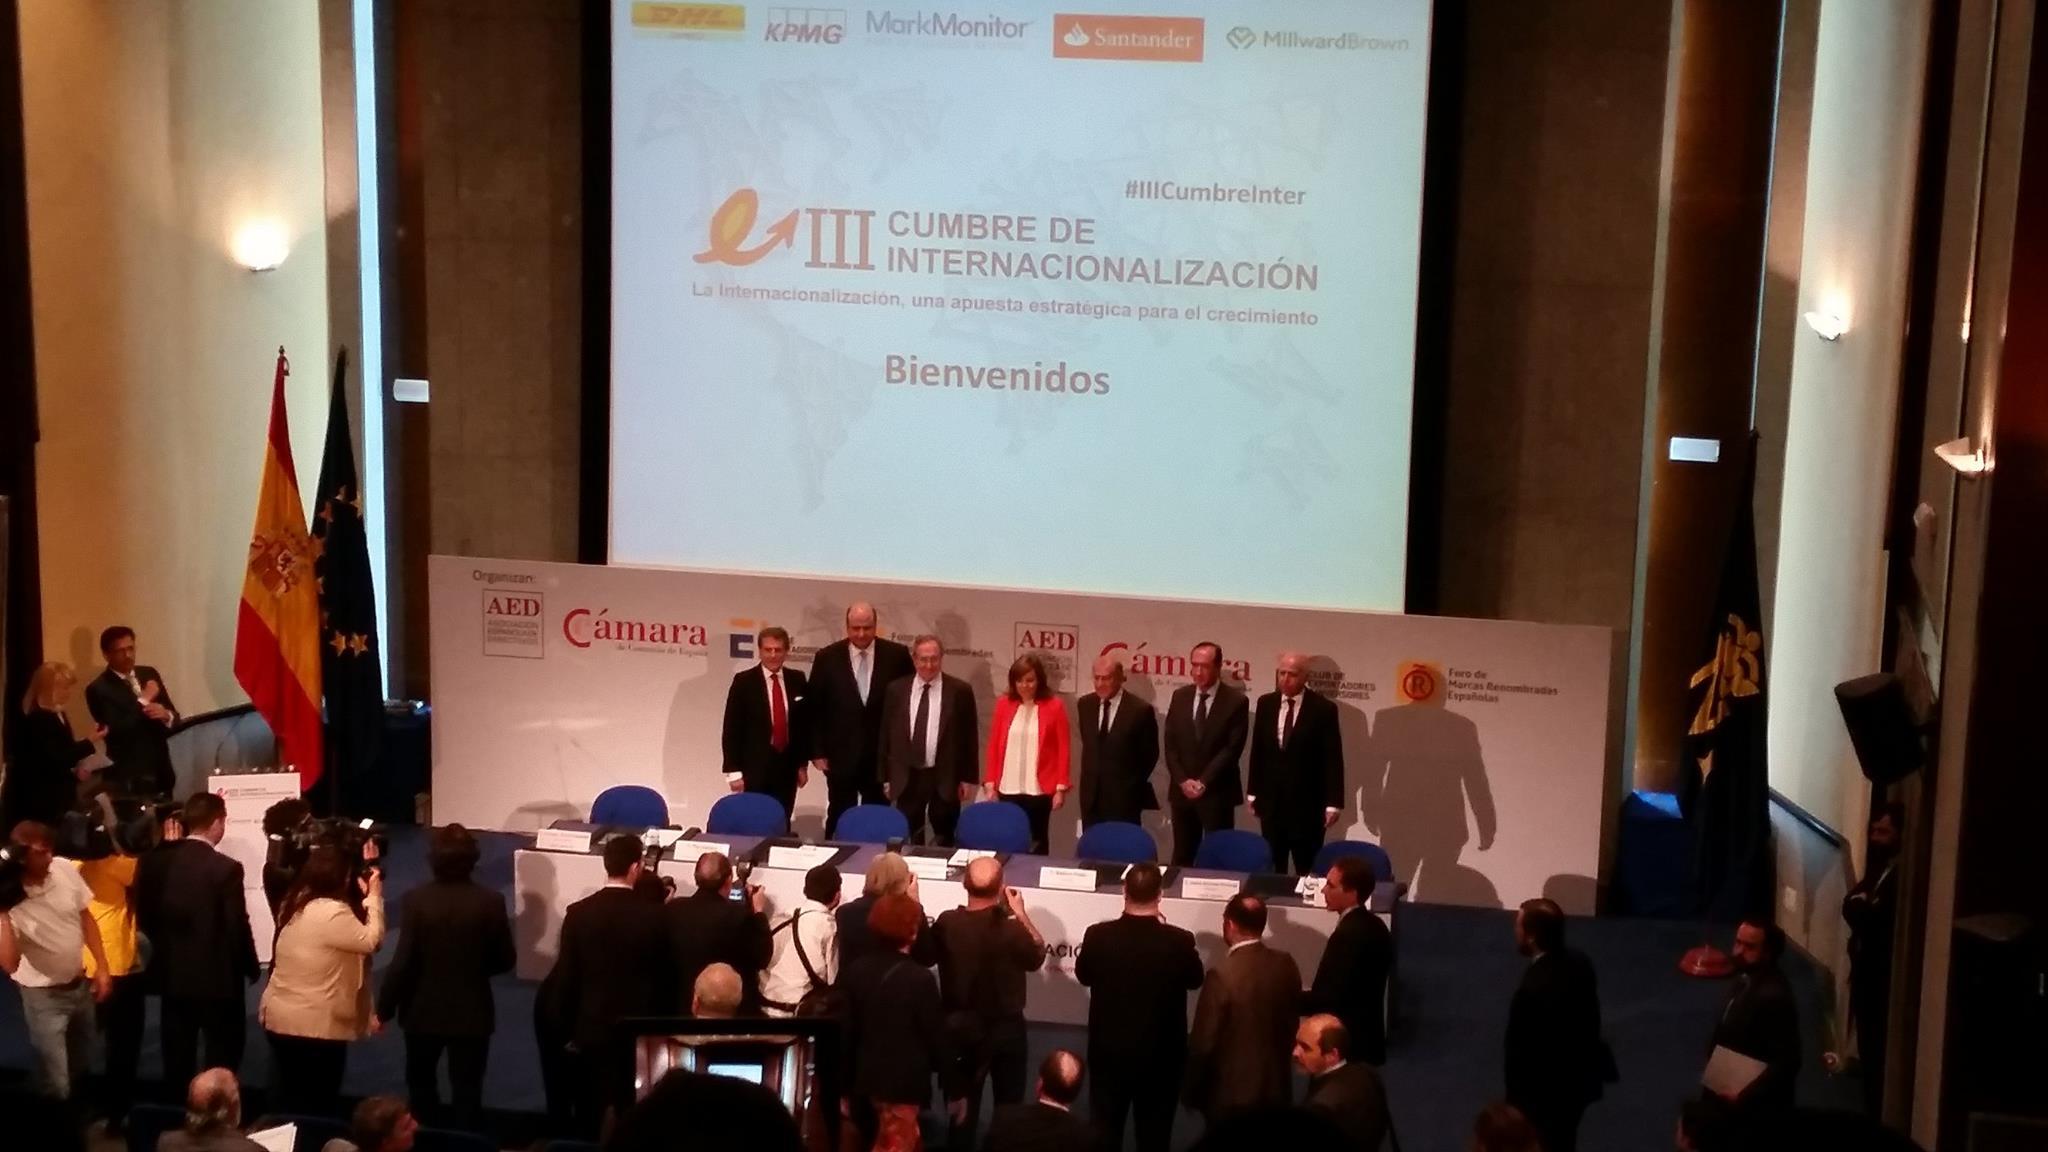 Foto 2(Cumbre de Internacionalización)